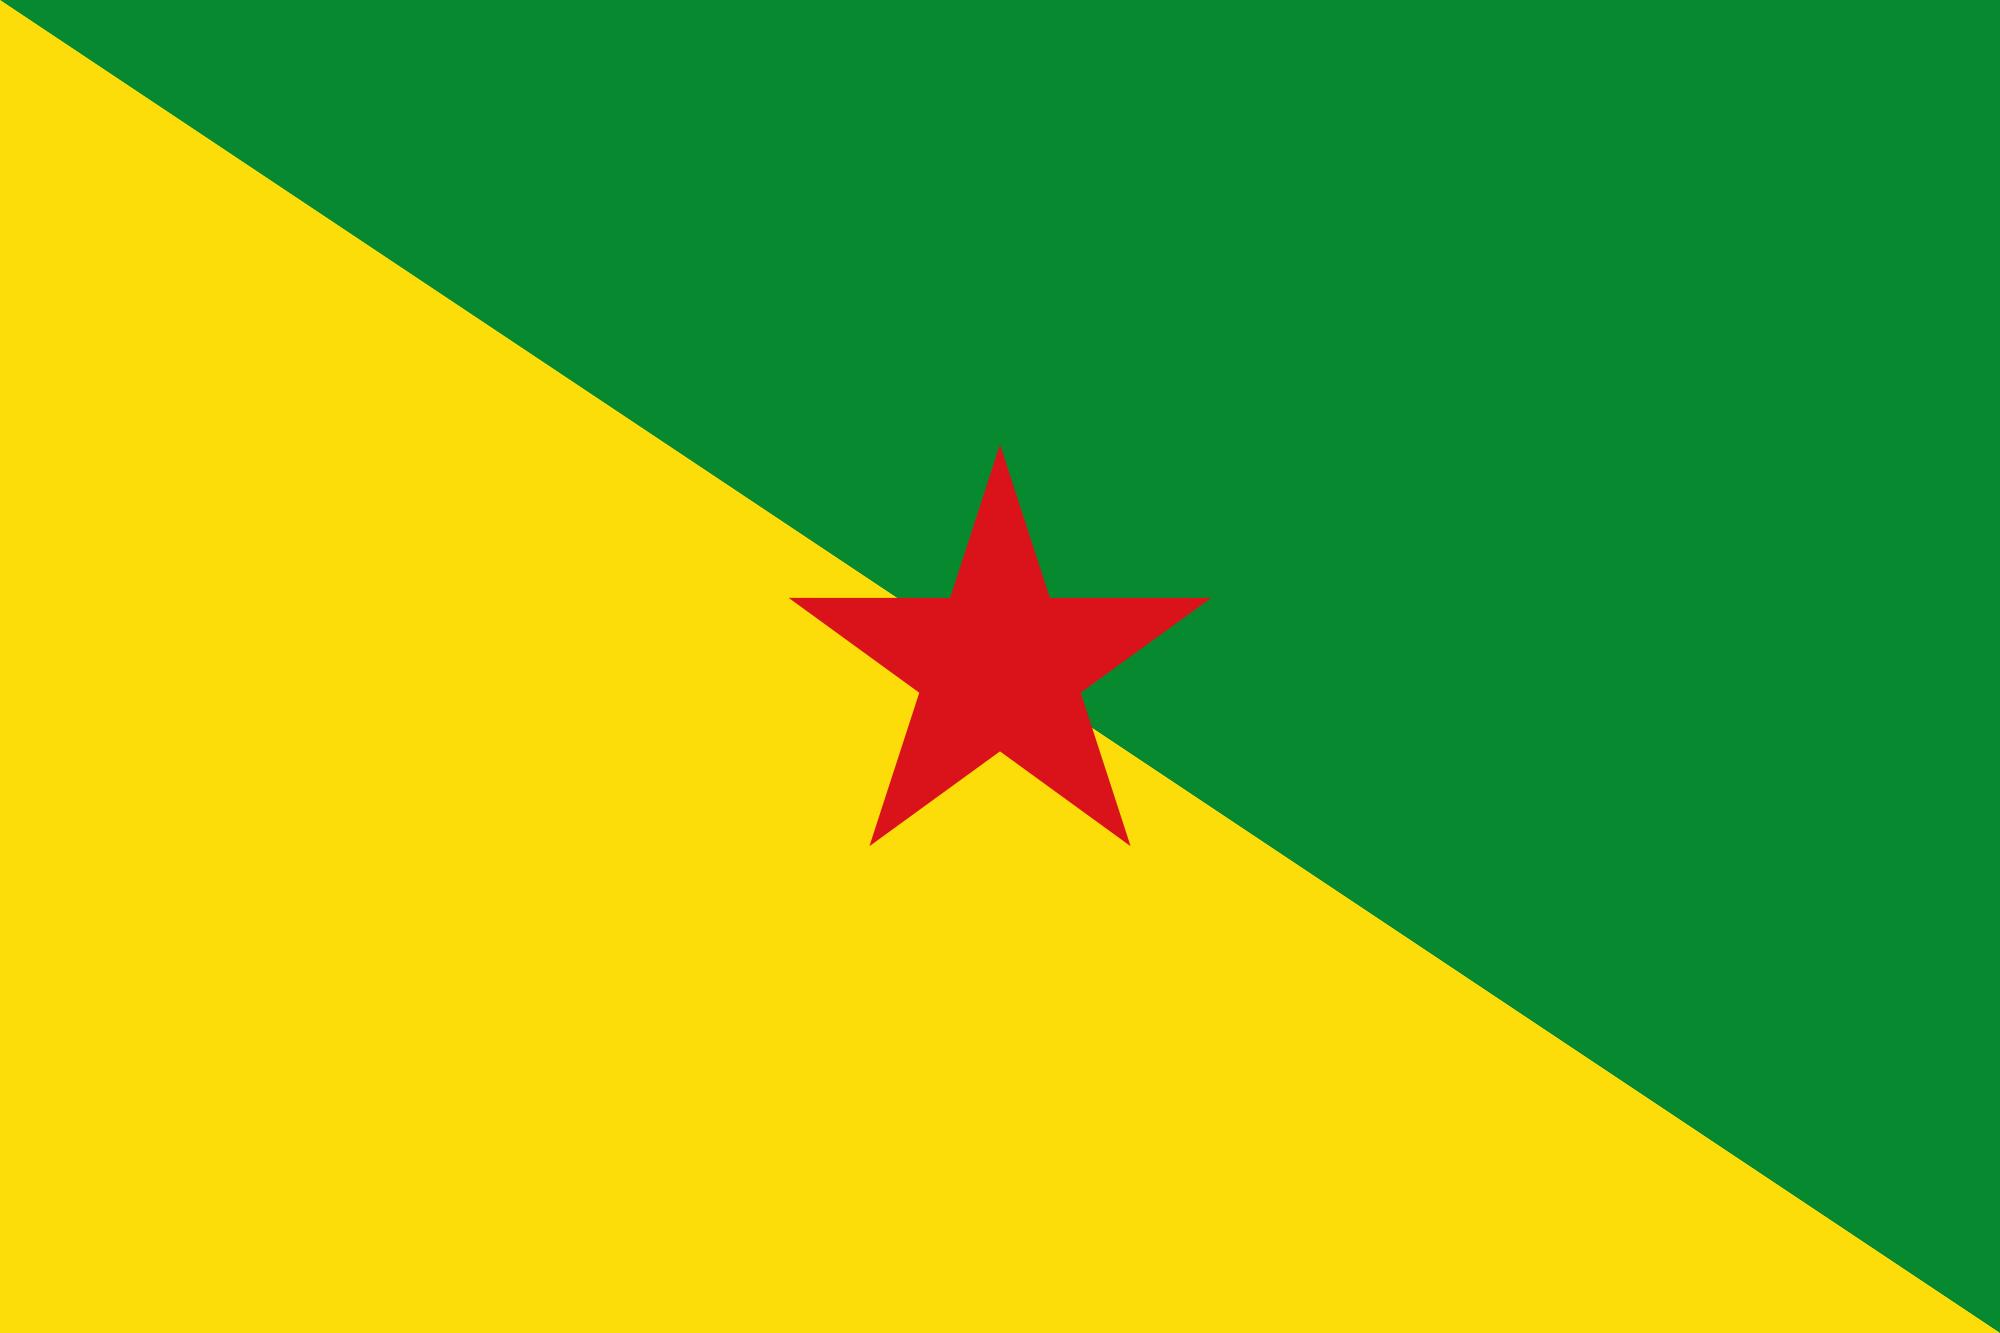 guayana francesa, país, emblema, insignia, símbolo - Fondos de Pantalla HD - professor-falken.com